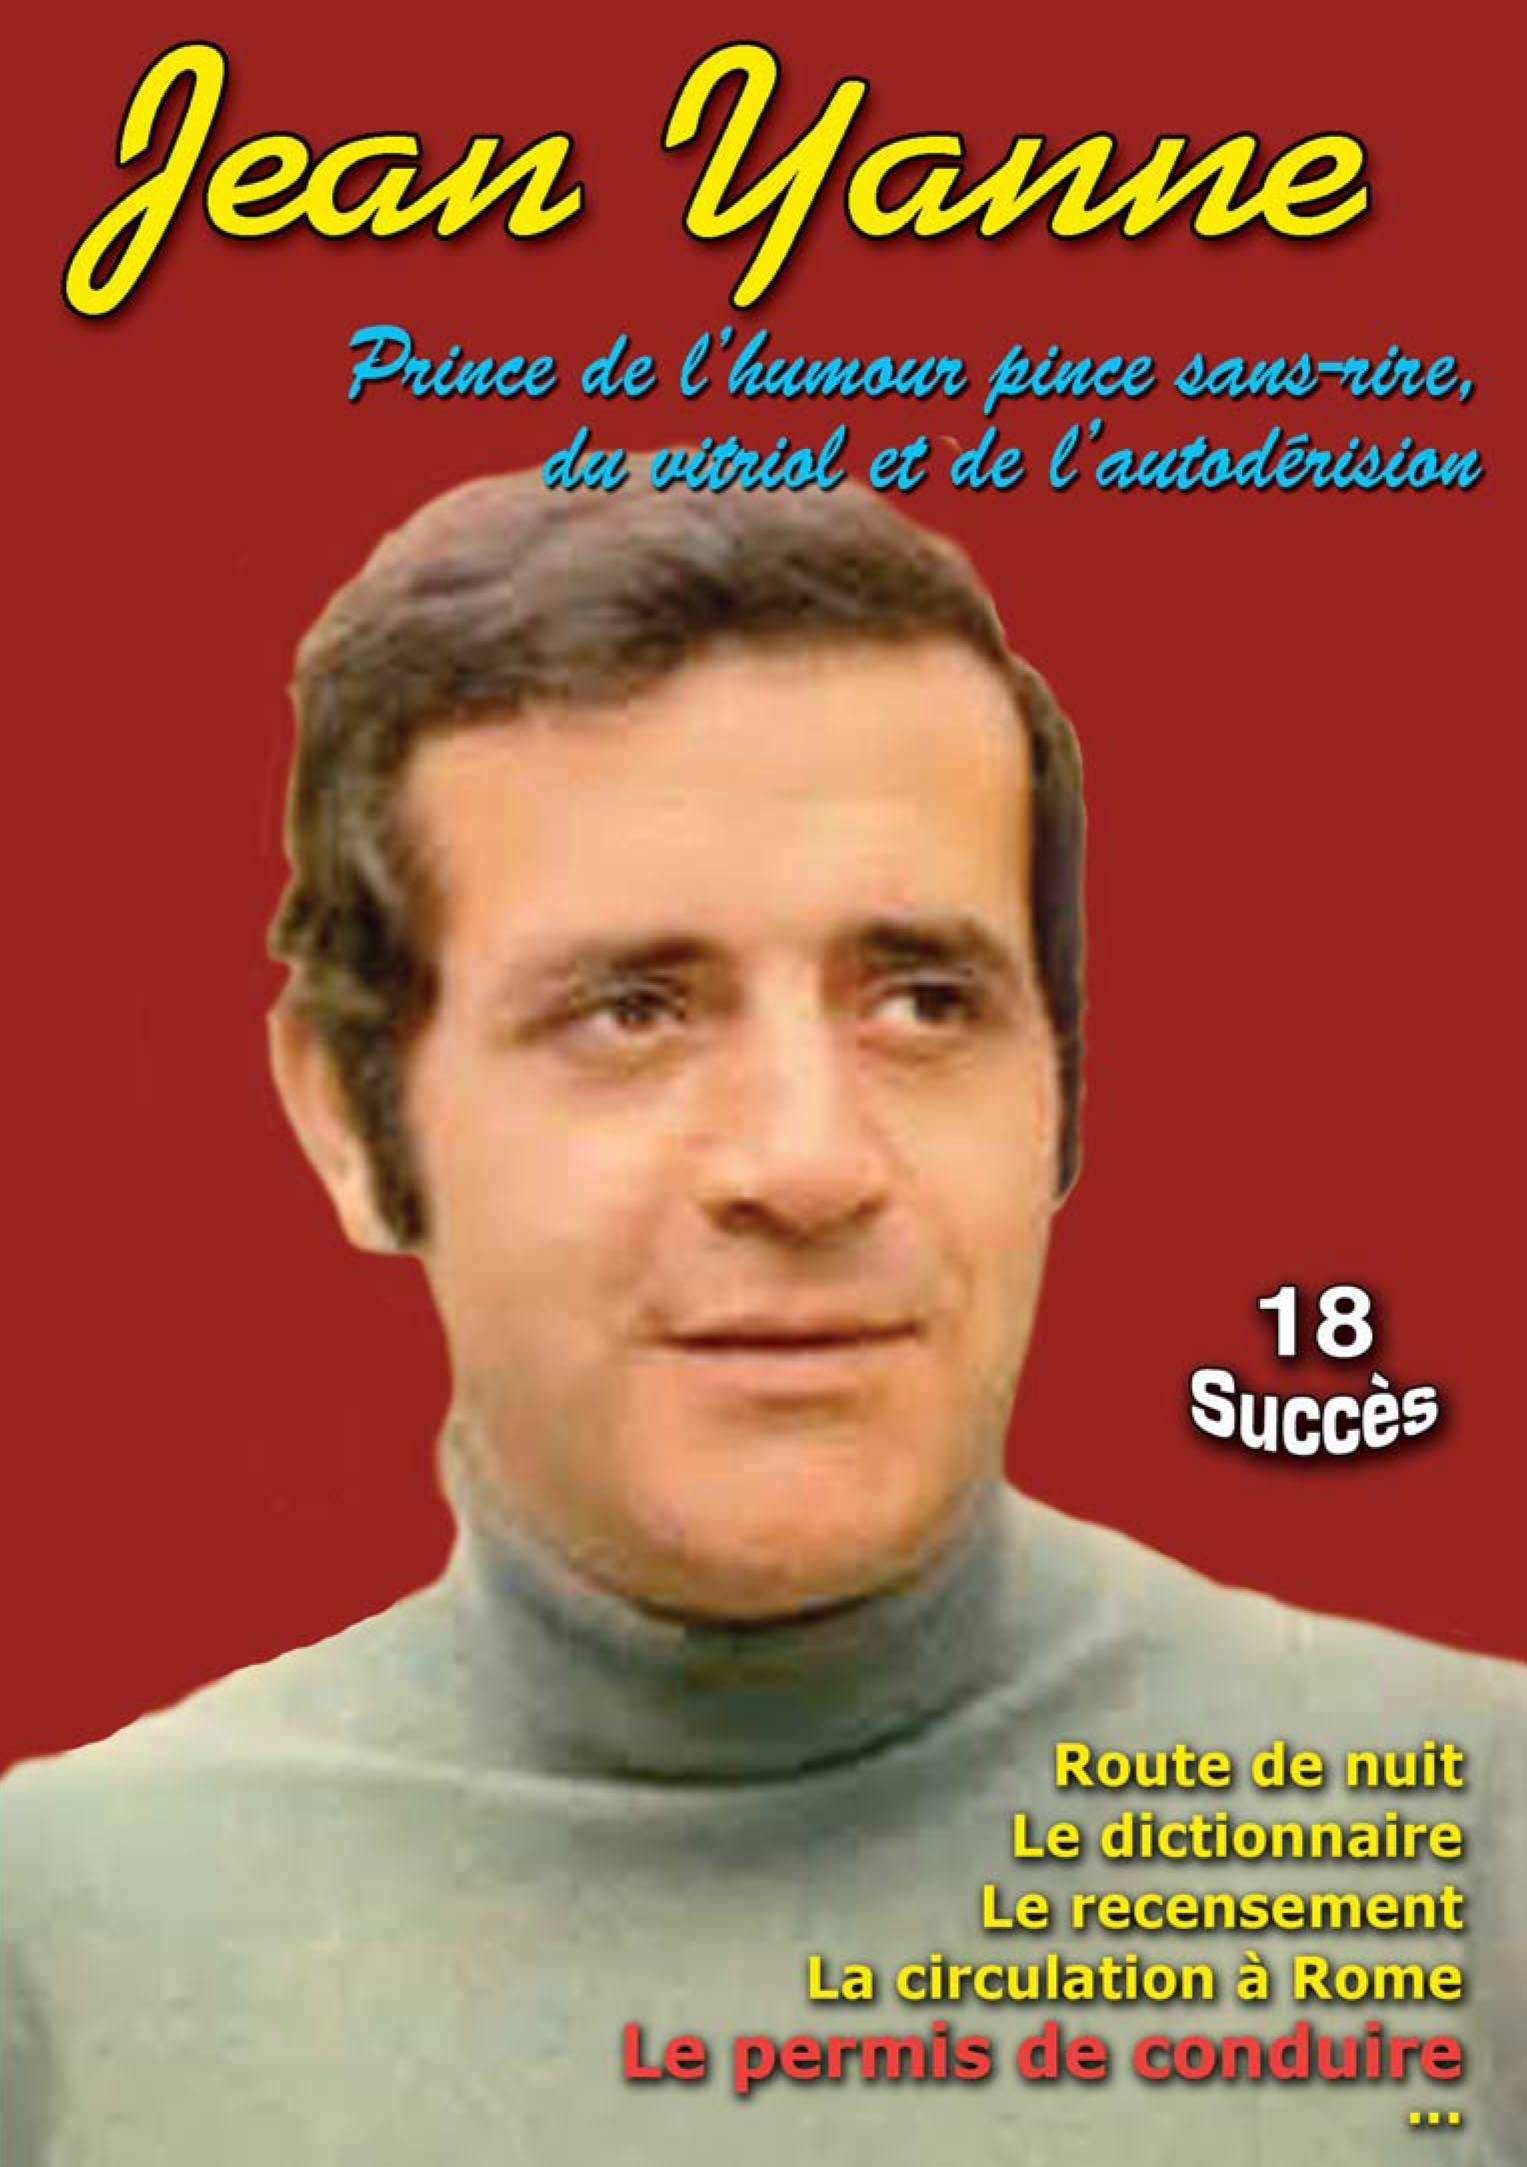 Jean yanne - dvd